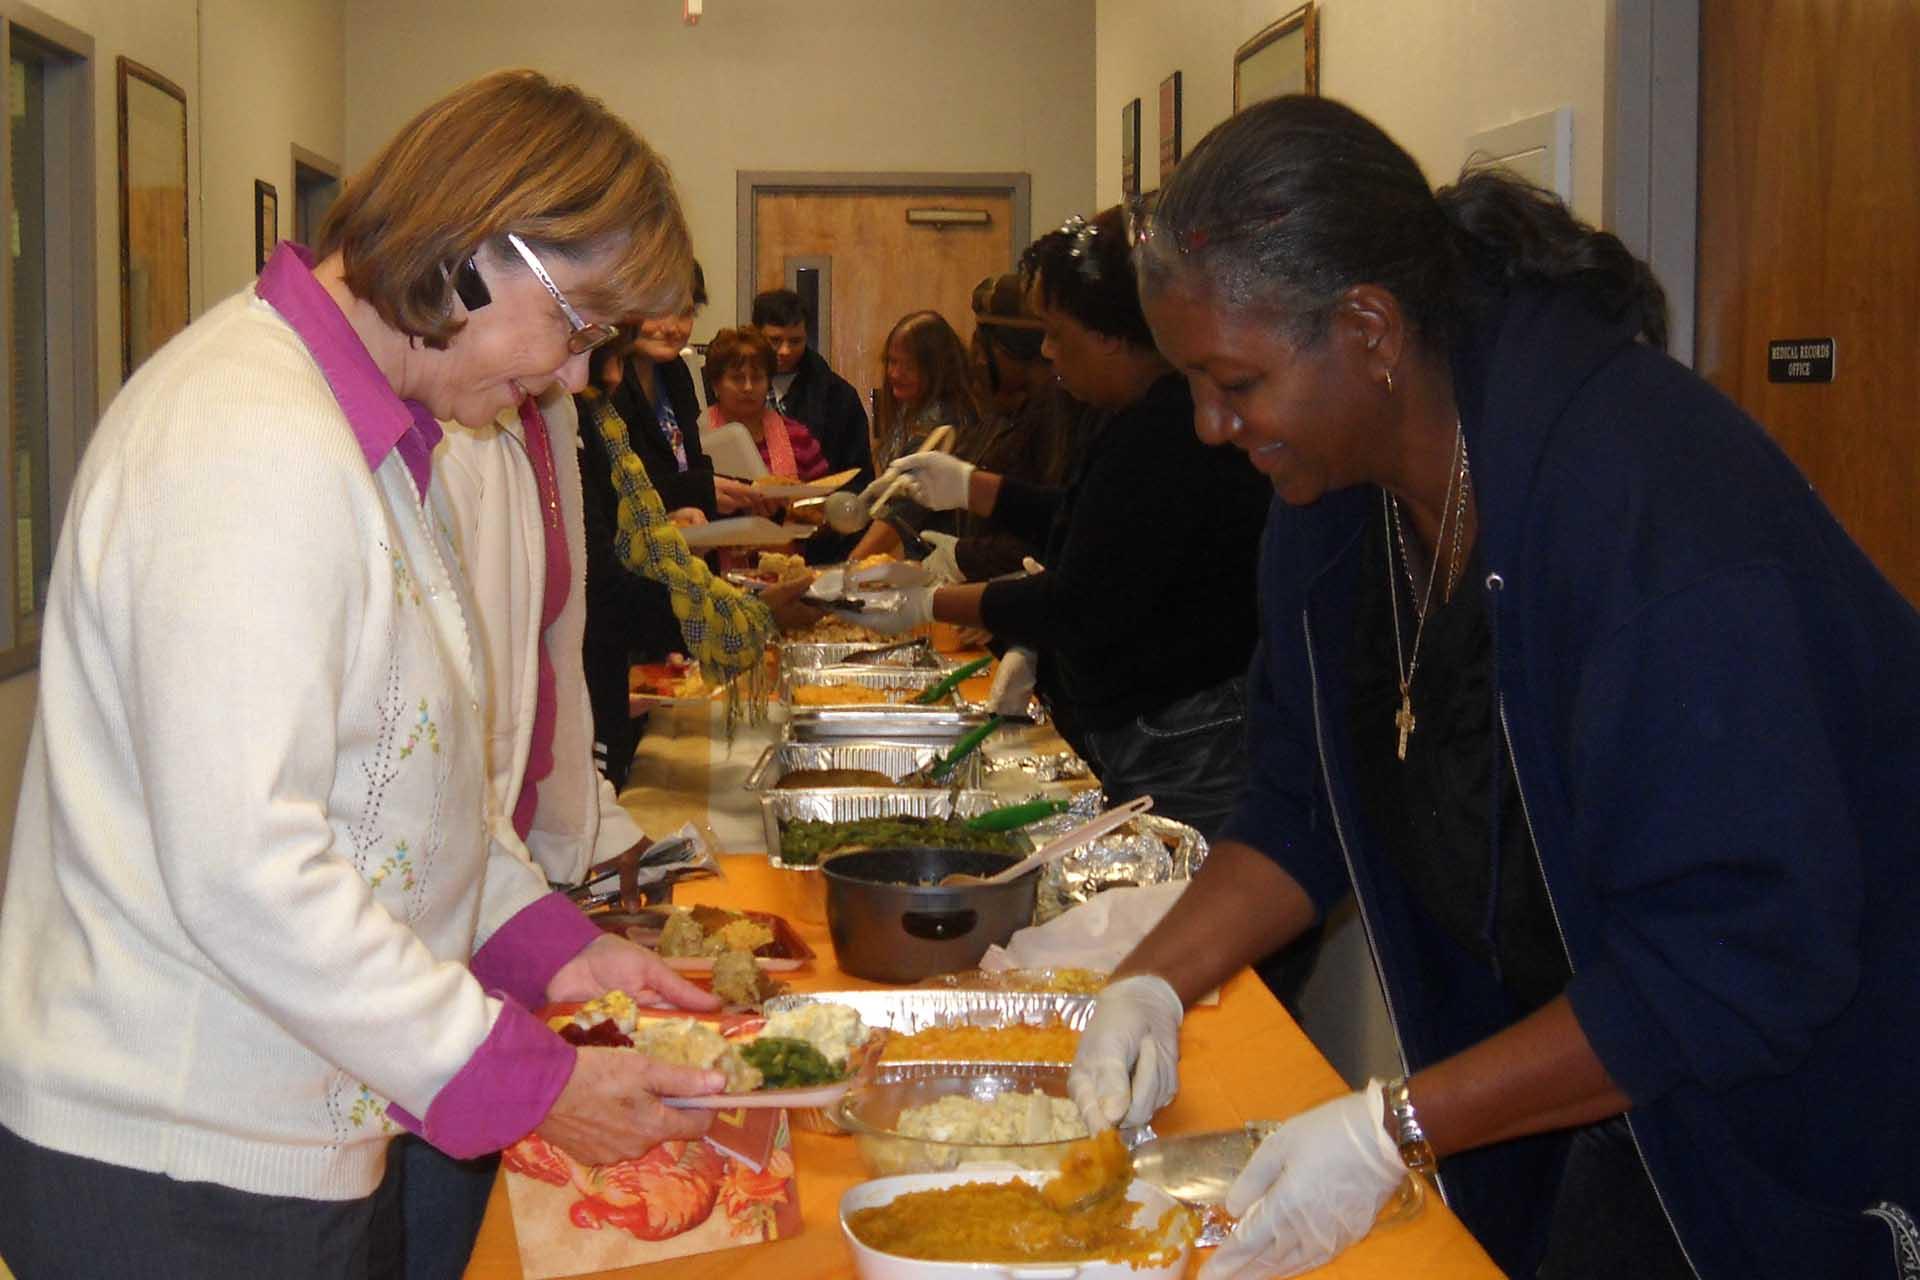 Care Members serving food